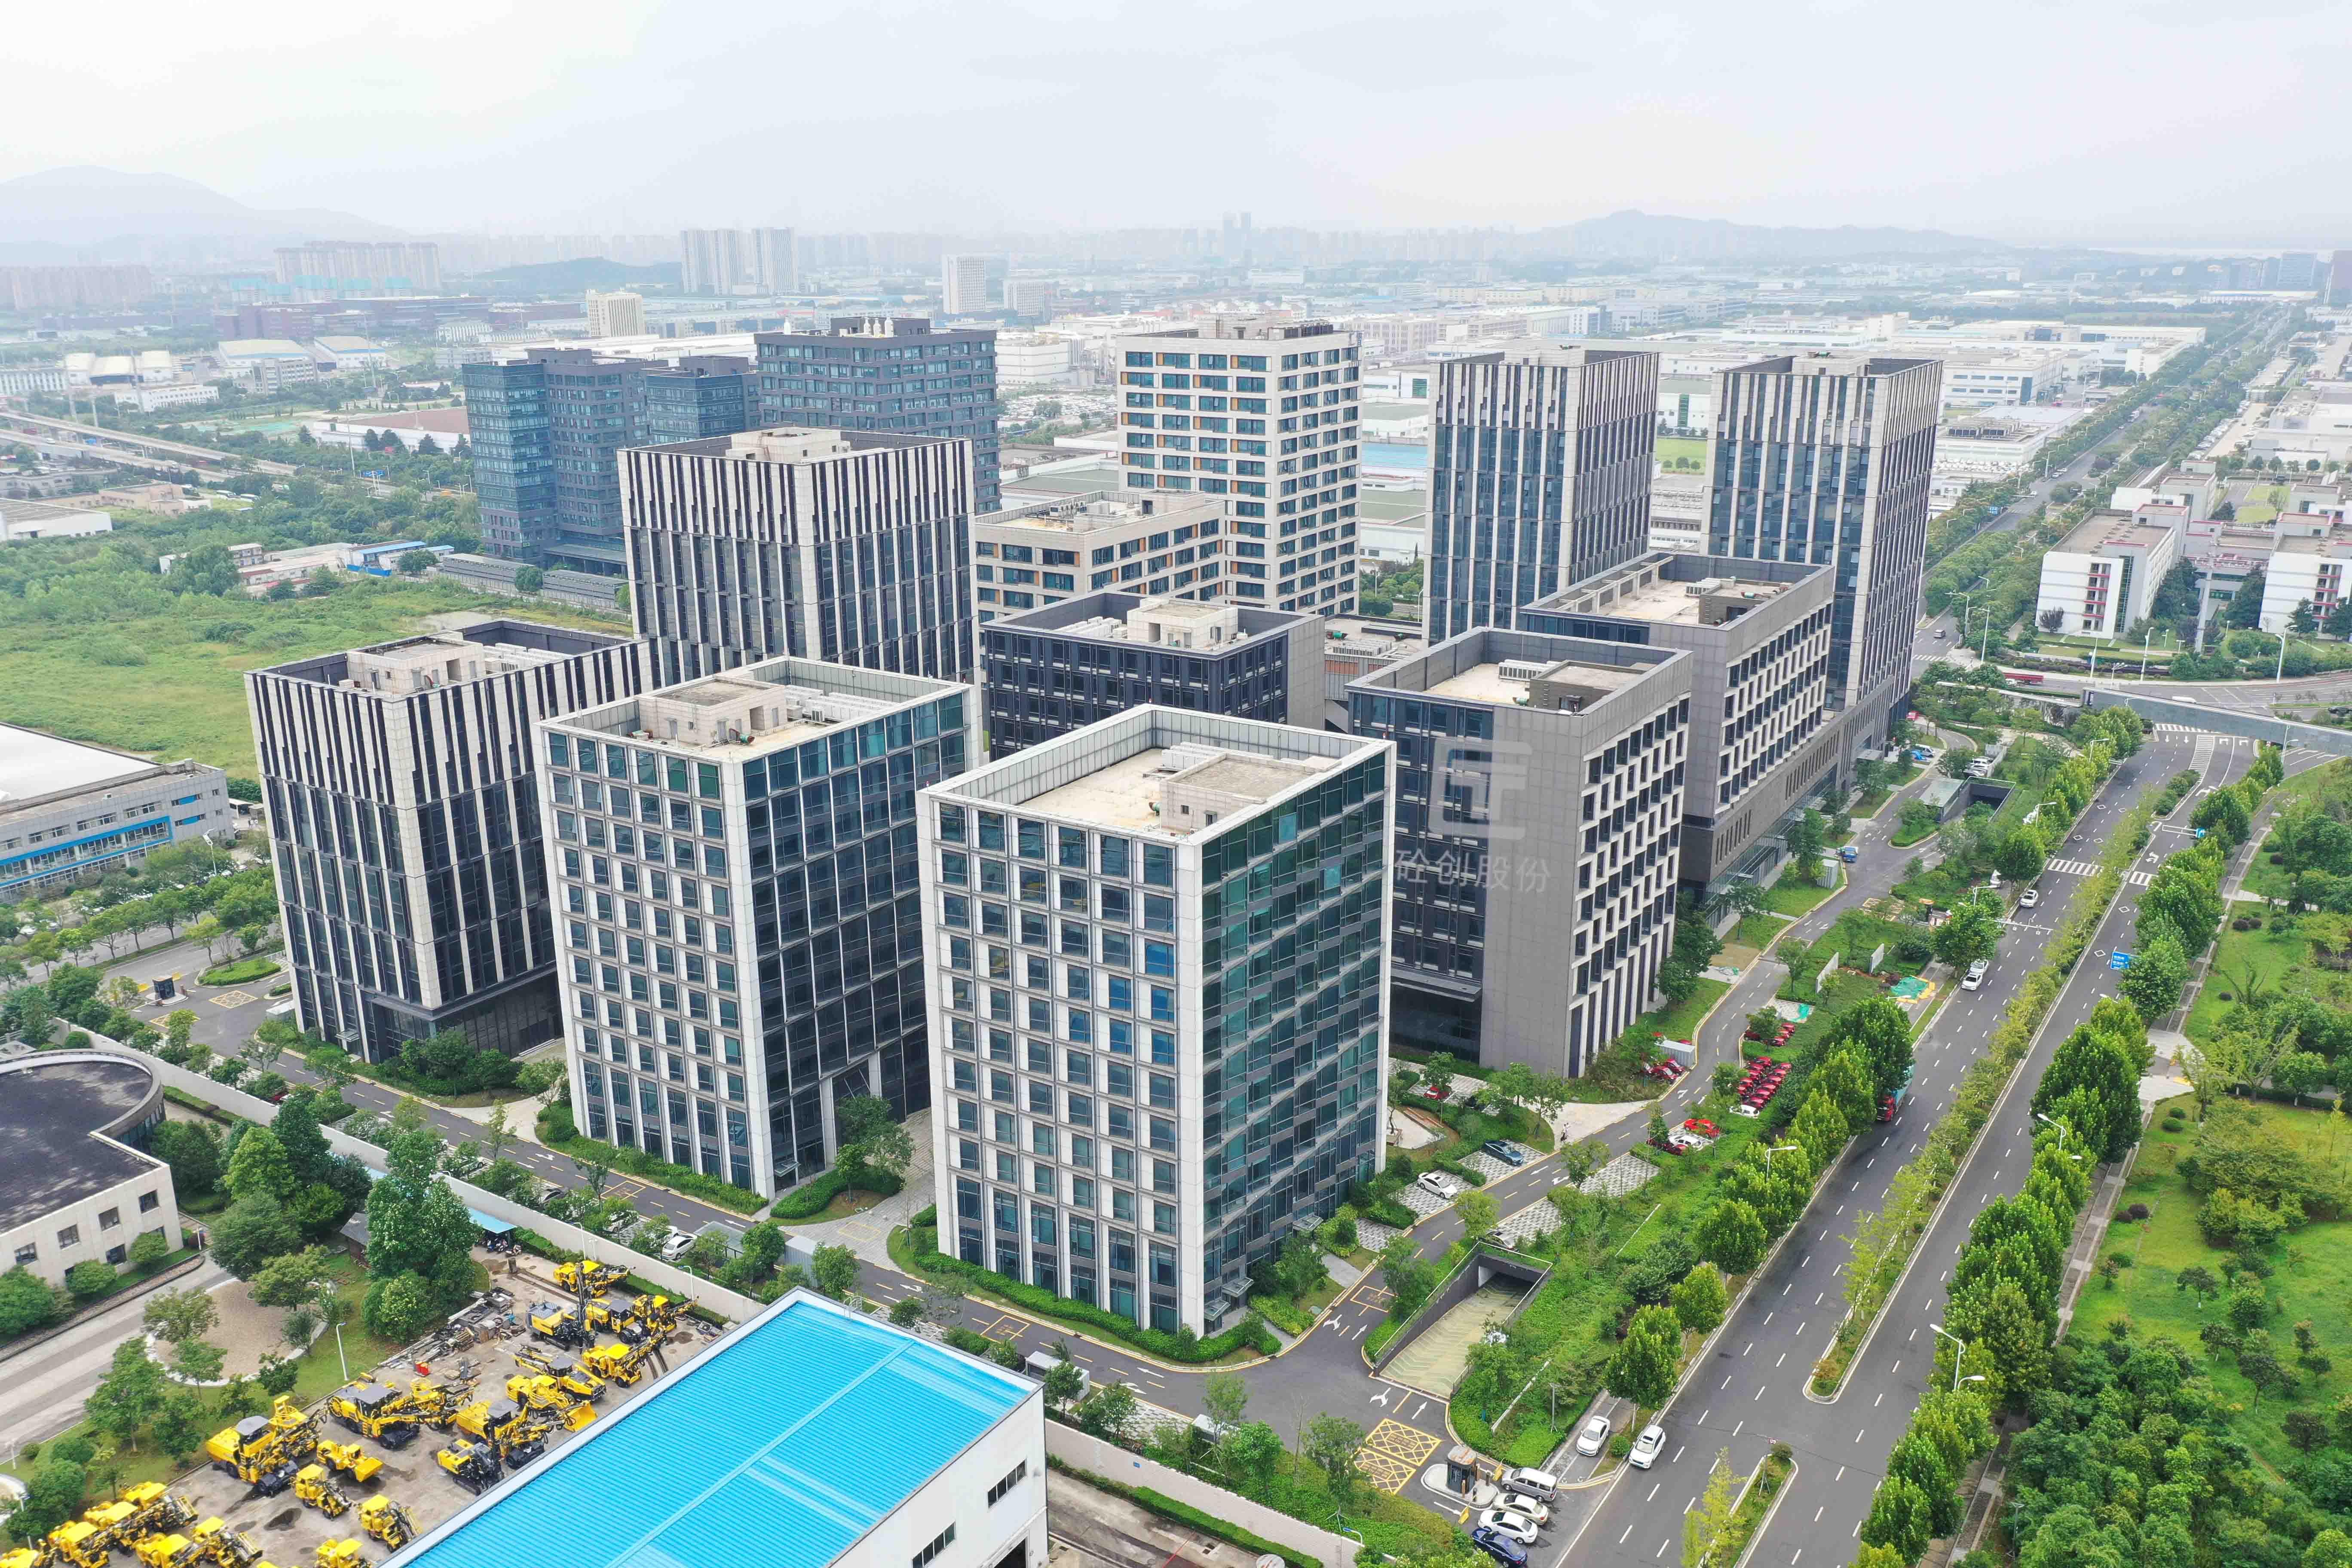 南京兴智高新科技园(GRC亚搏app下载官方网站)